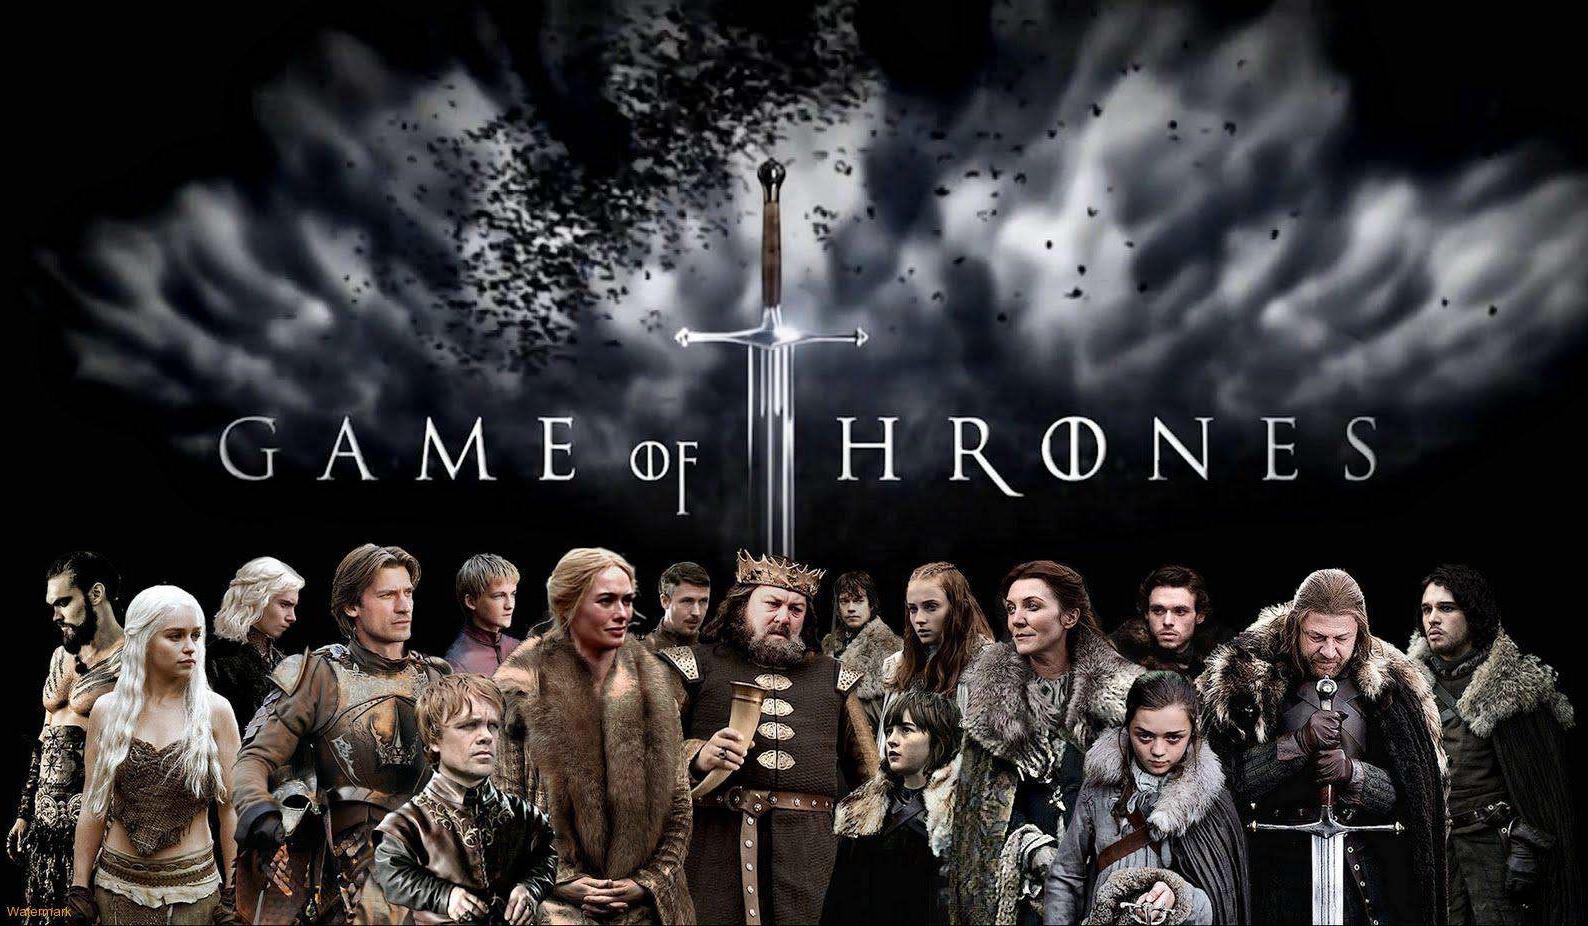 «Game Of Thrones».. ماذا ننتظر من شخصيات المسلسل وأين هم الآن؟